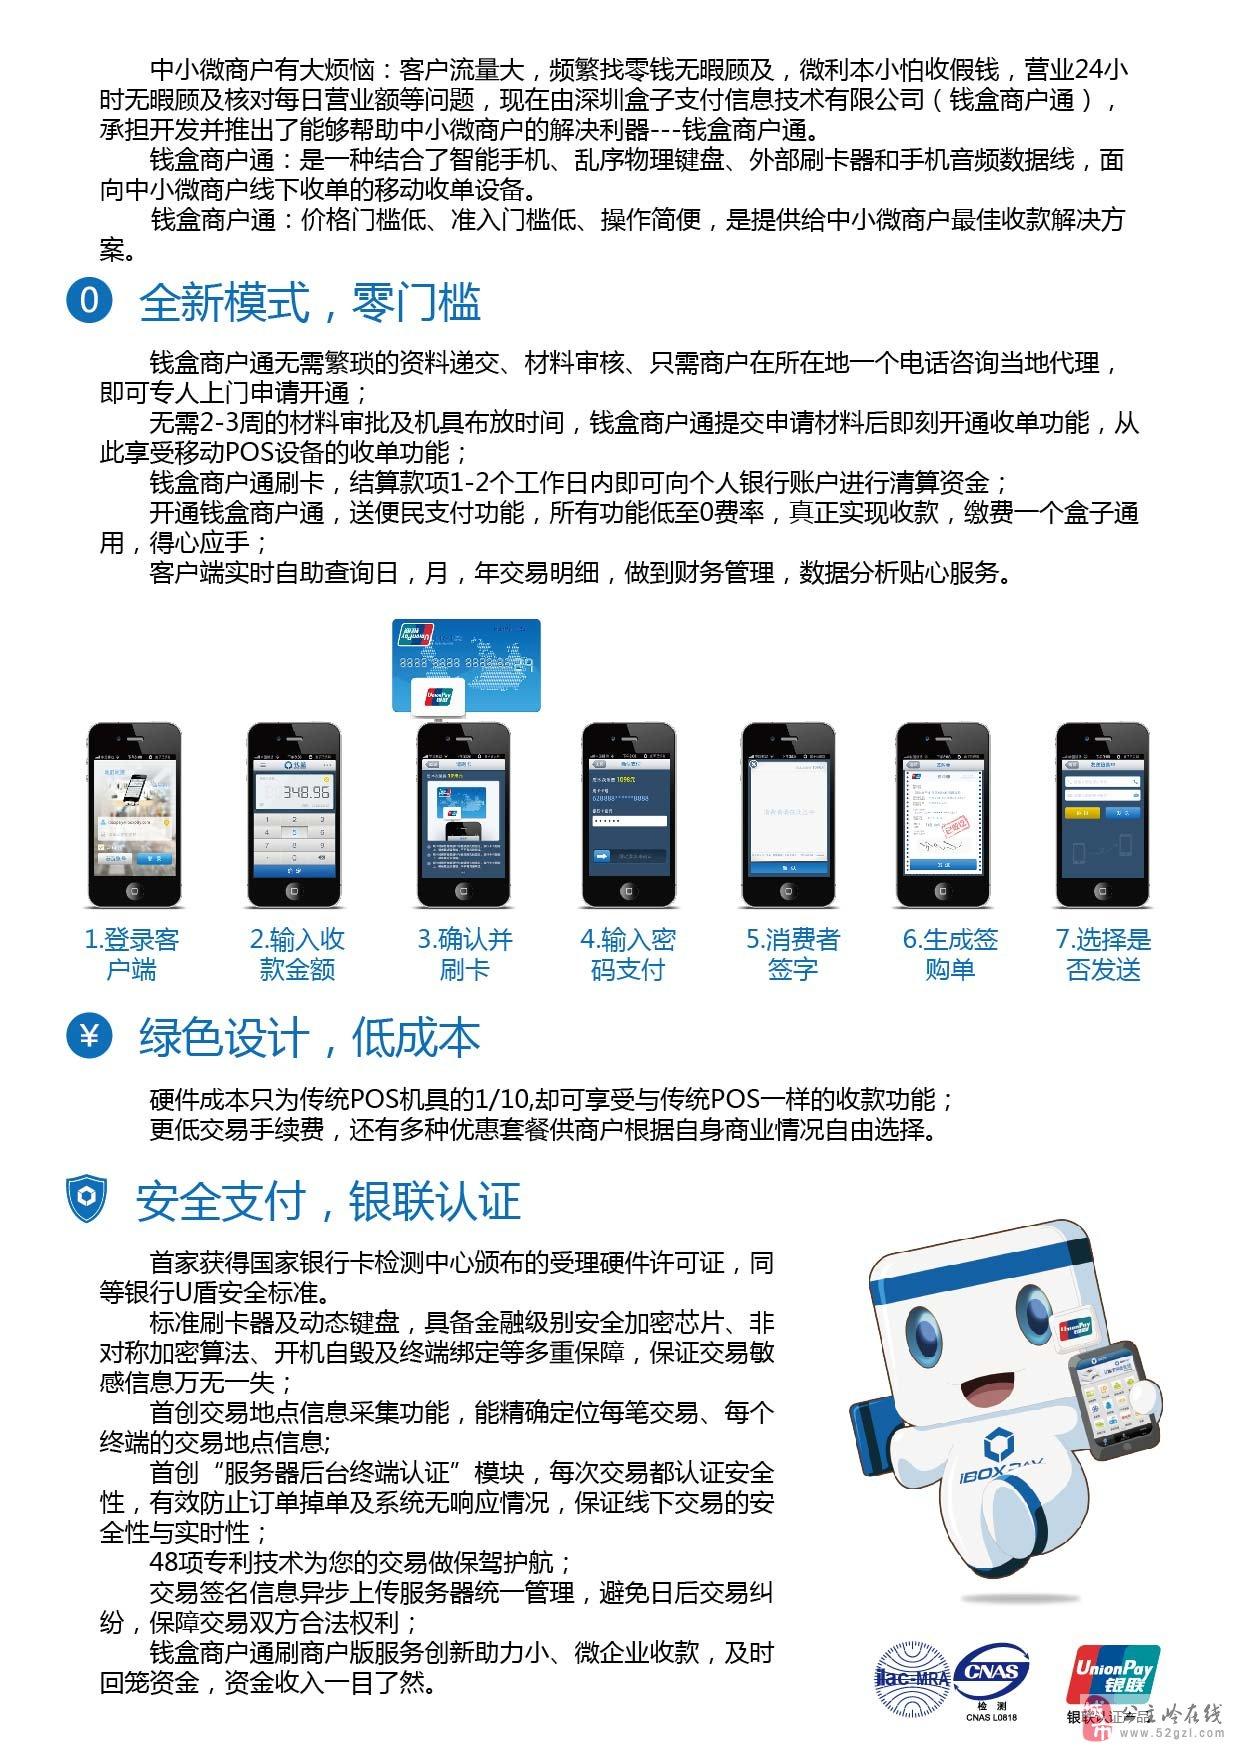 银联手机支付图标相关图片展示